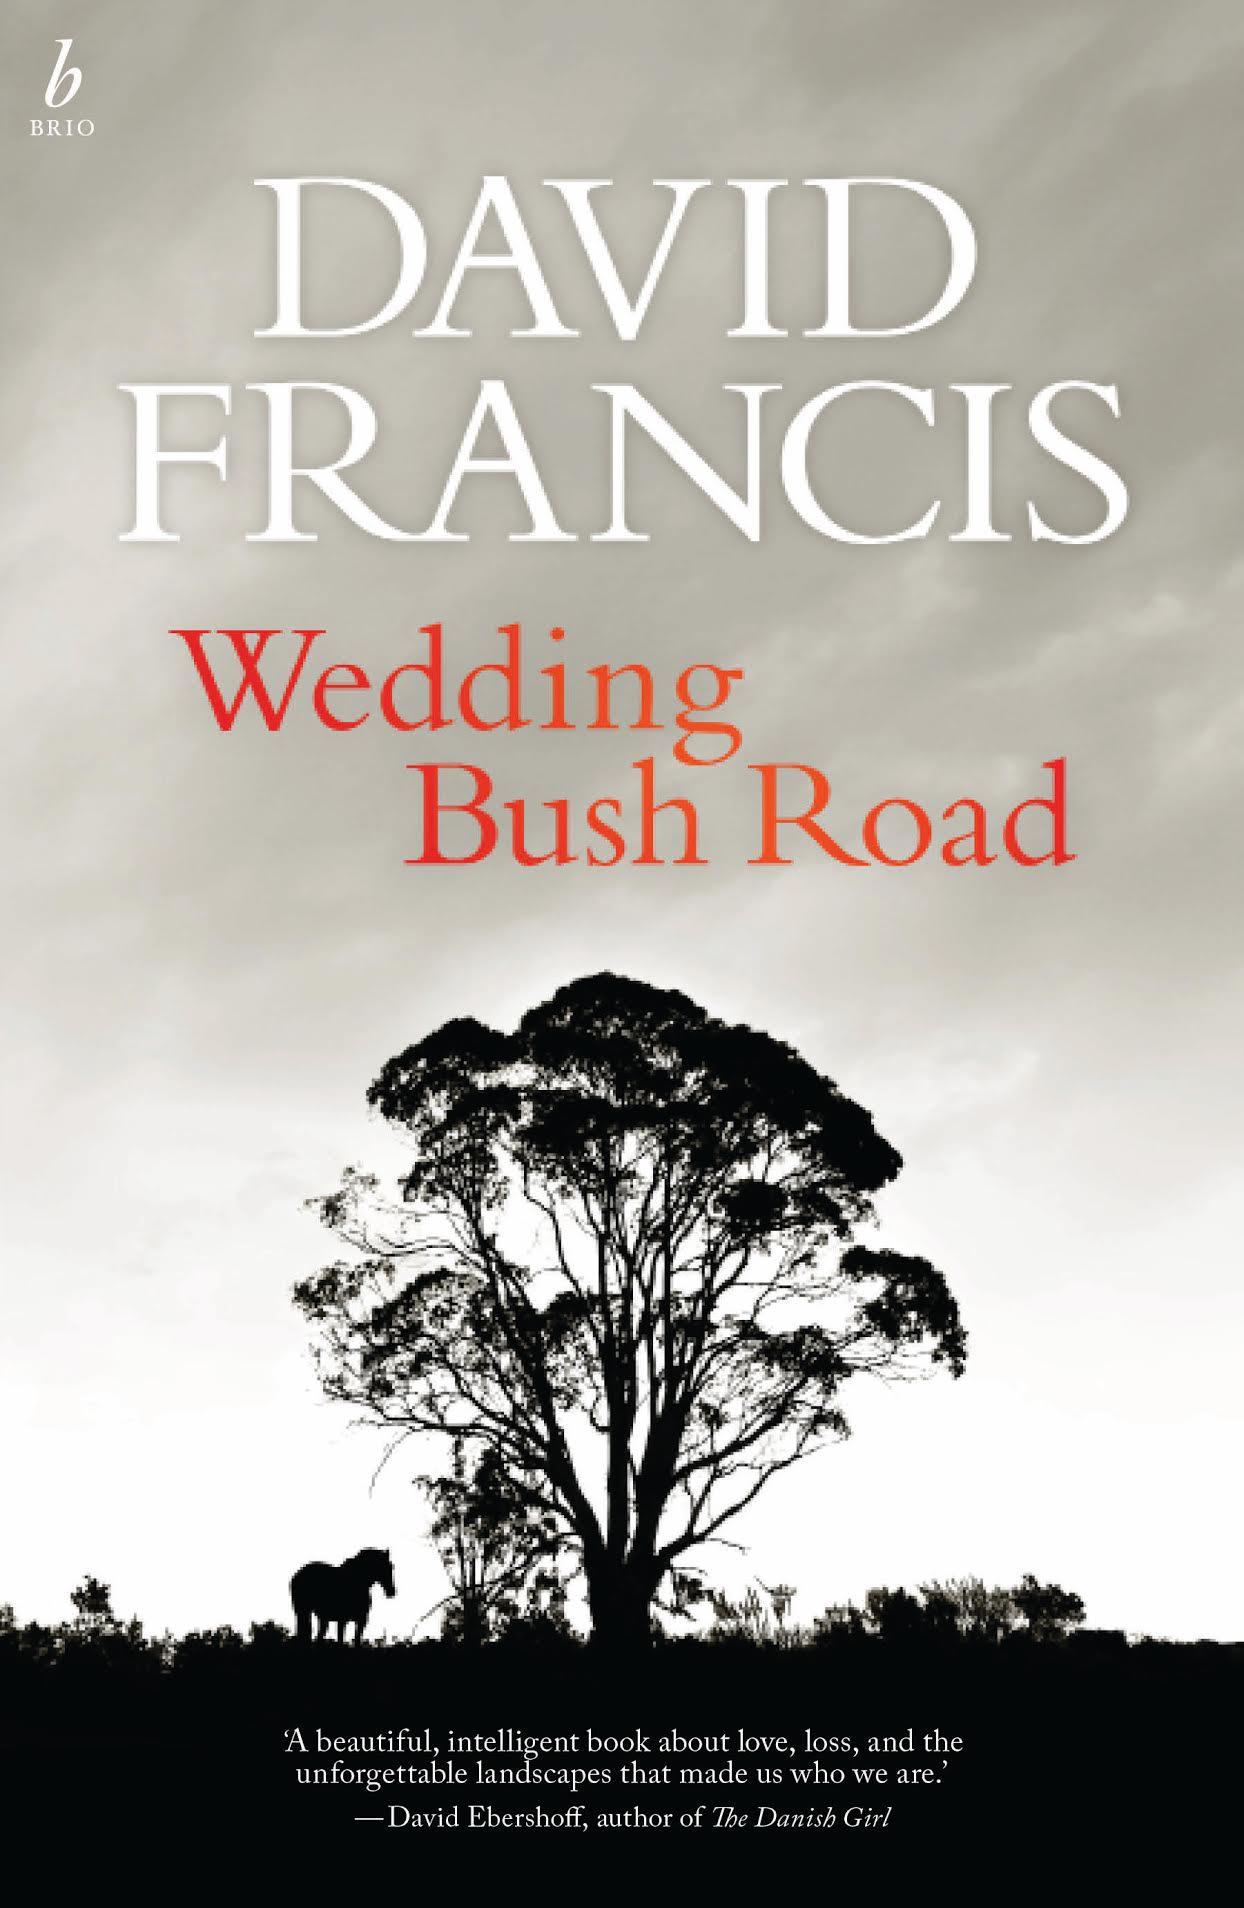 david francis - wedding bush road.jpg